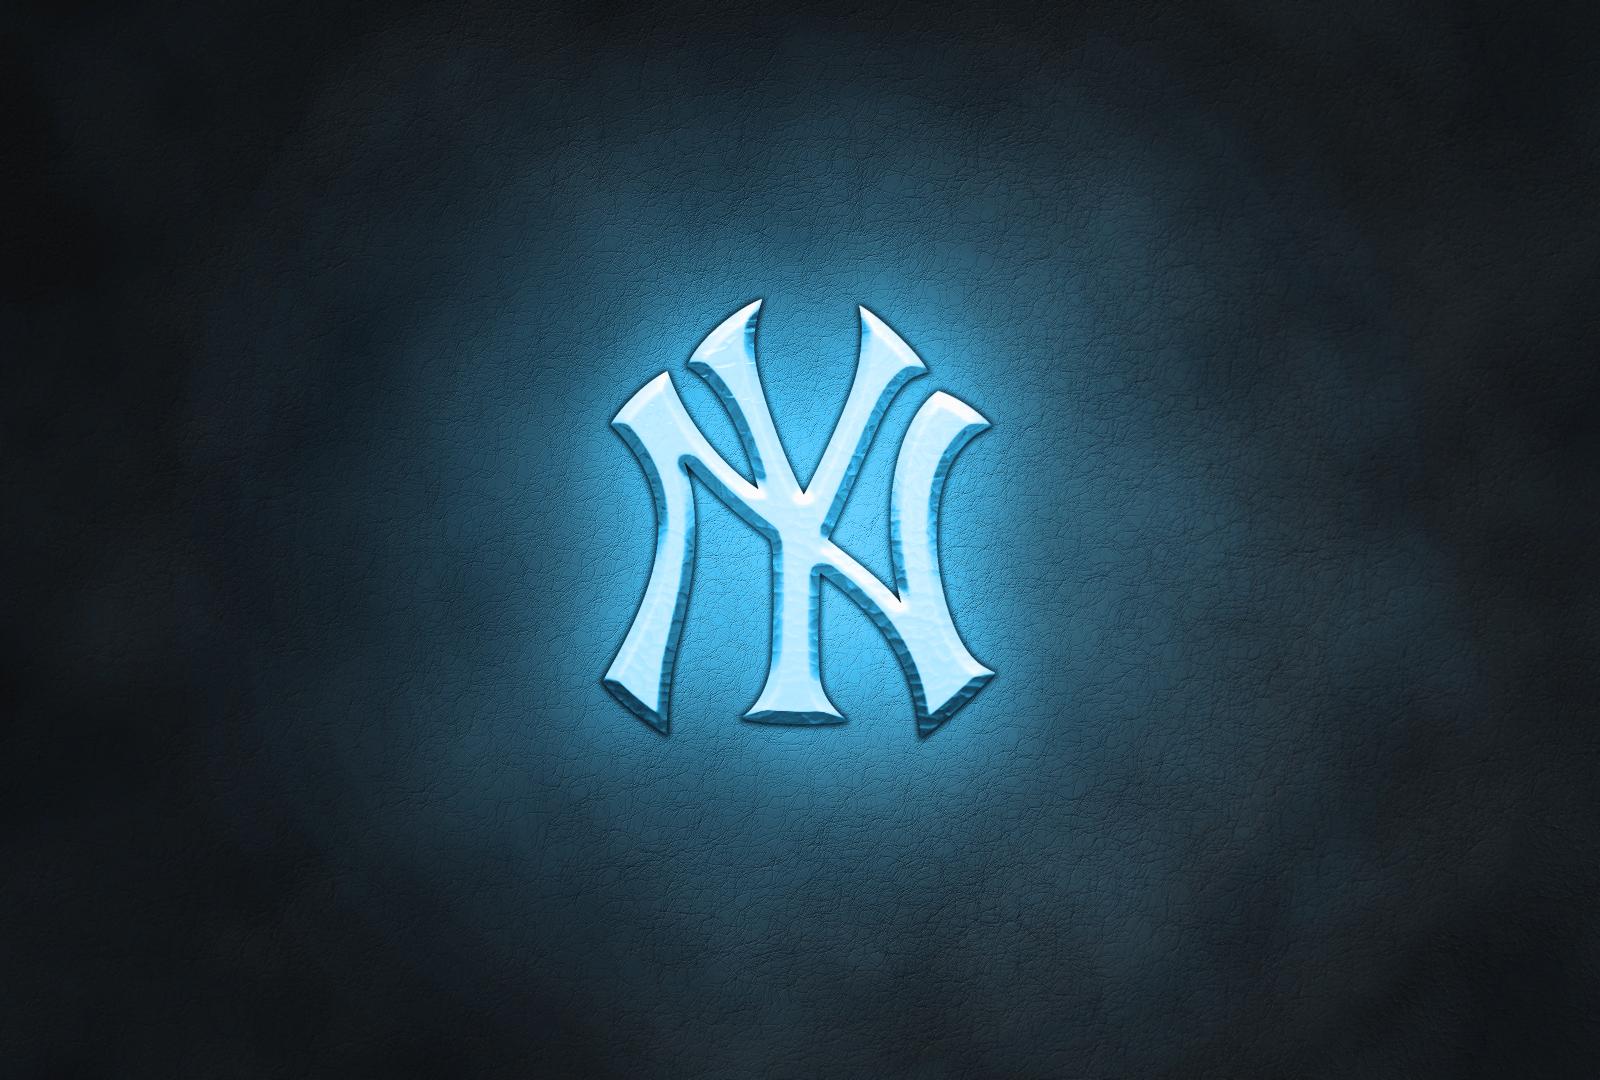 yankees wallpaper logo wallpapersafari